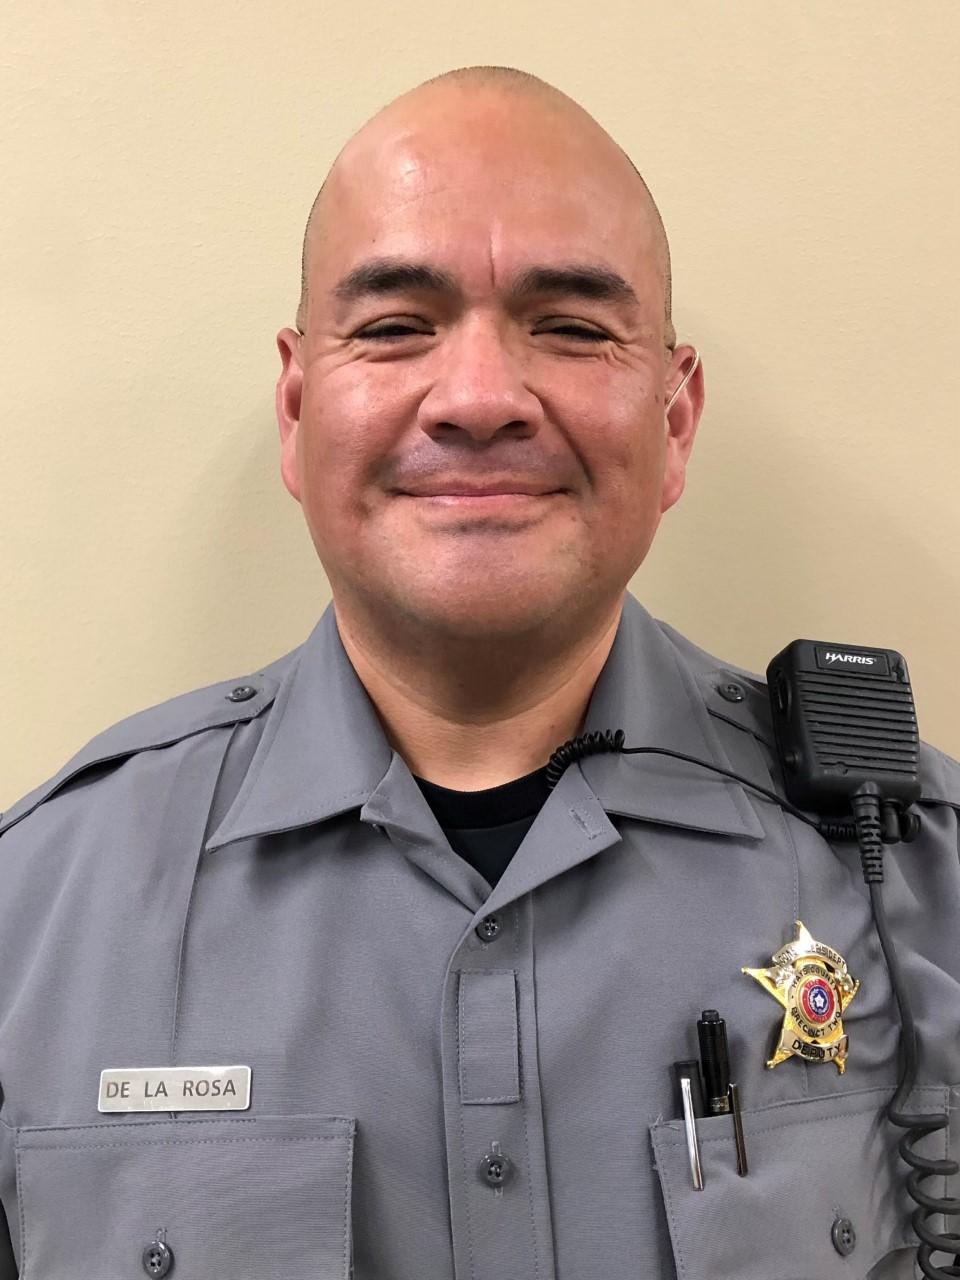 Deputy Constable Manuel Phillipe De La Rosa | Hays County Constable's Office - Precinct 2, Texas